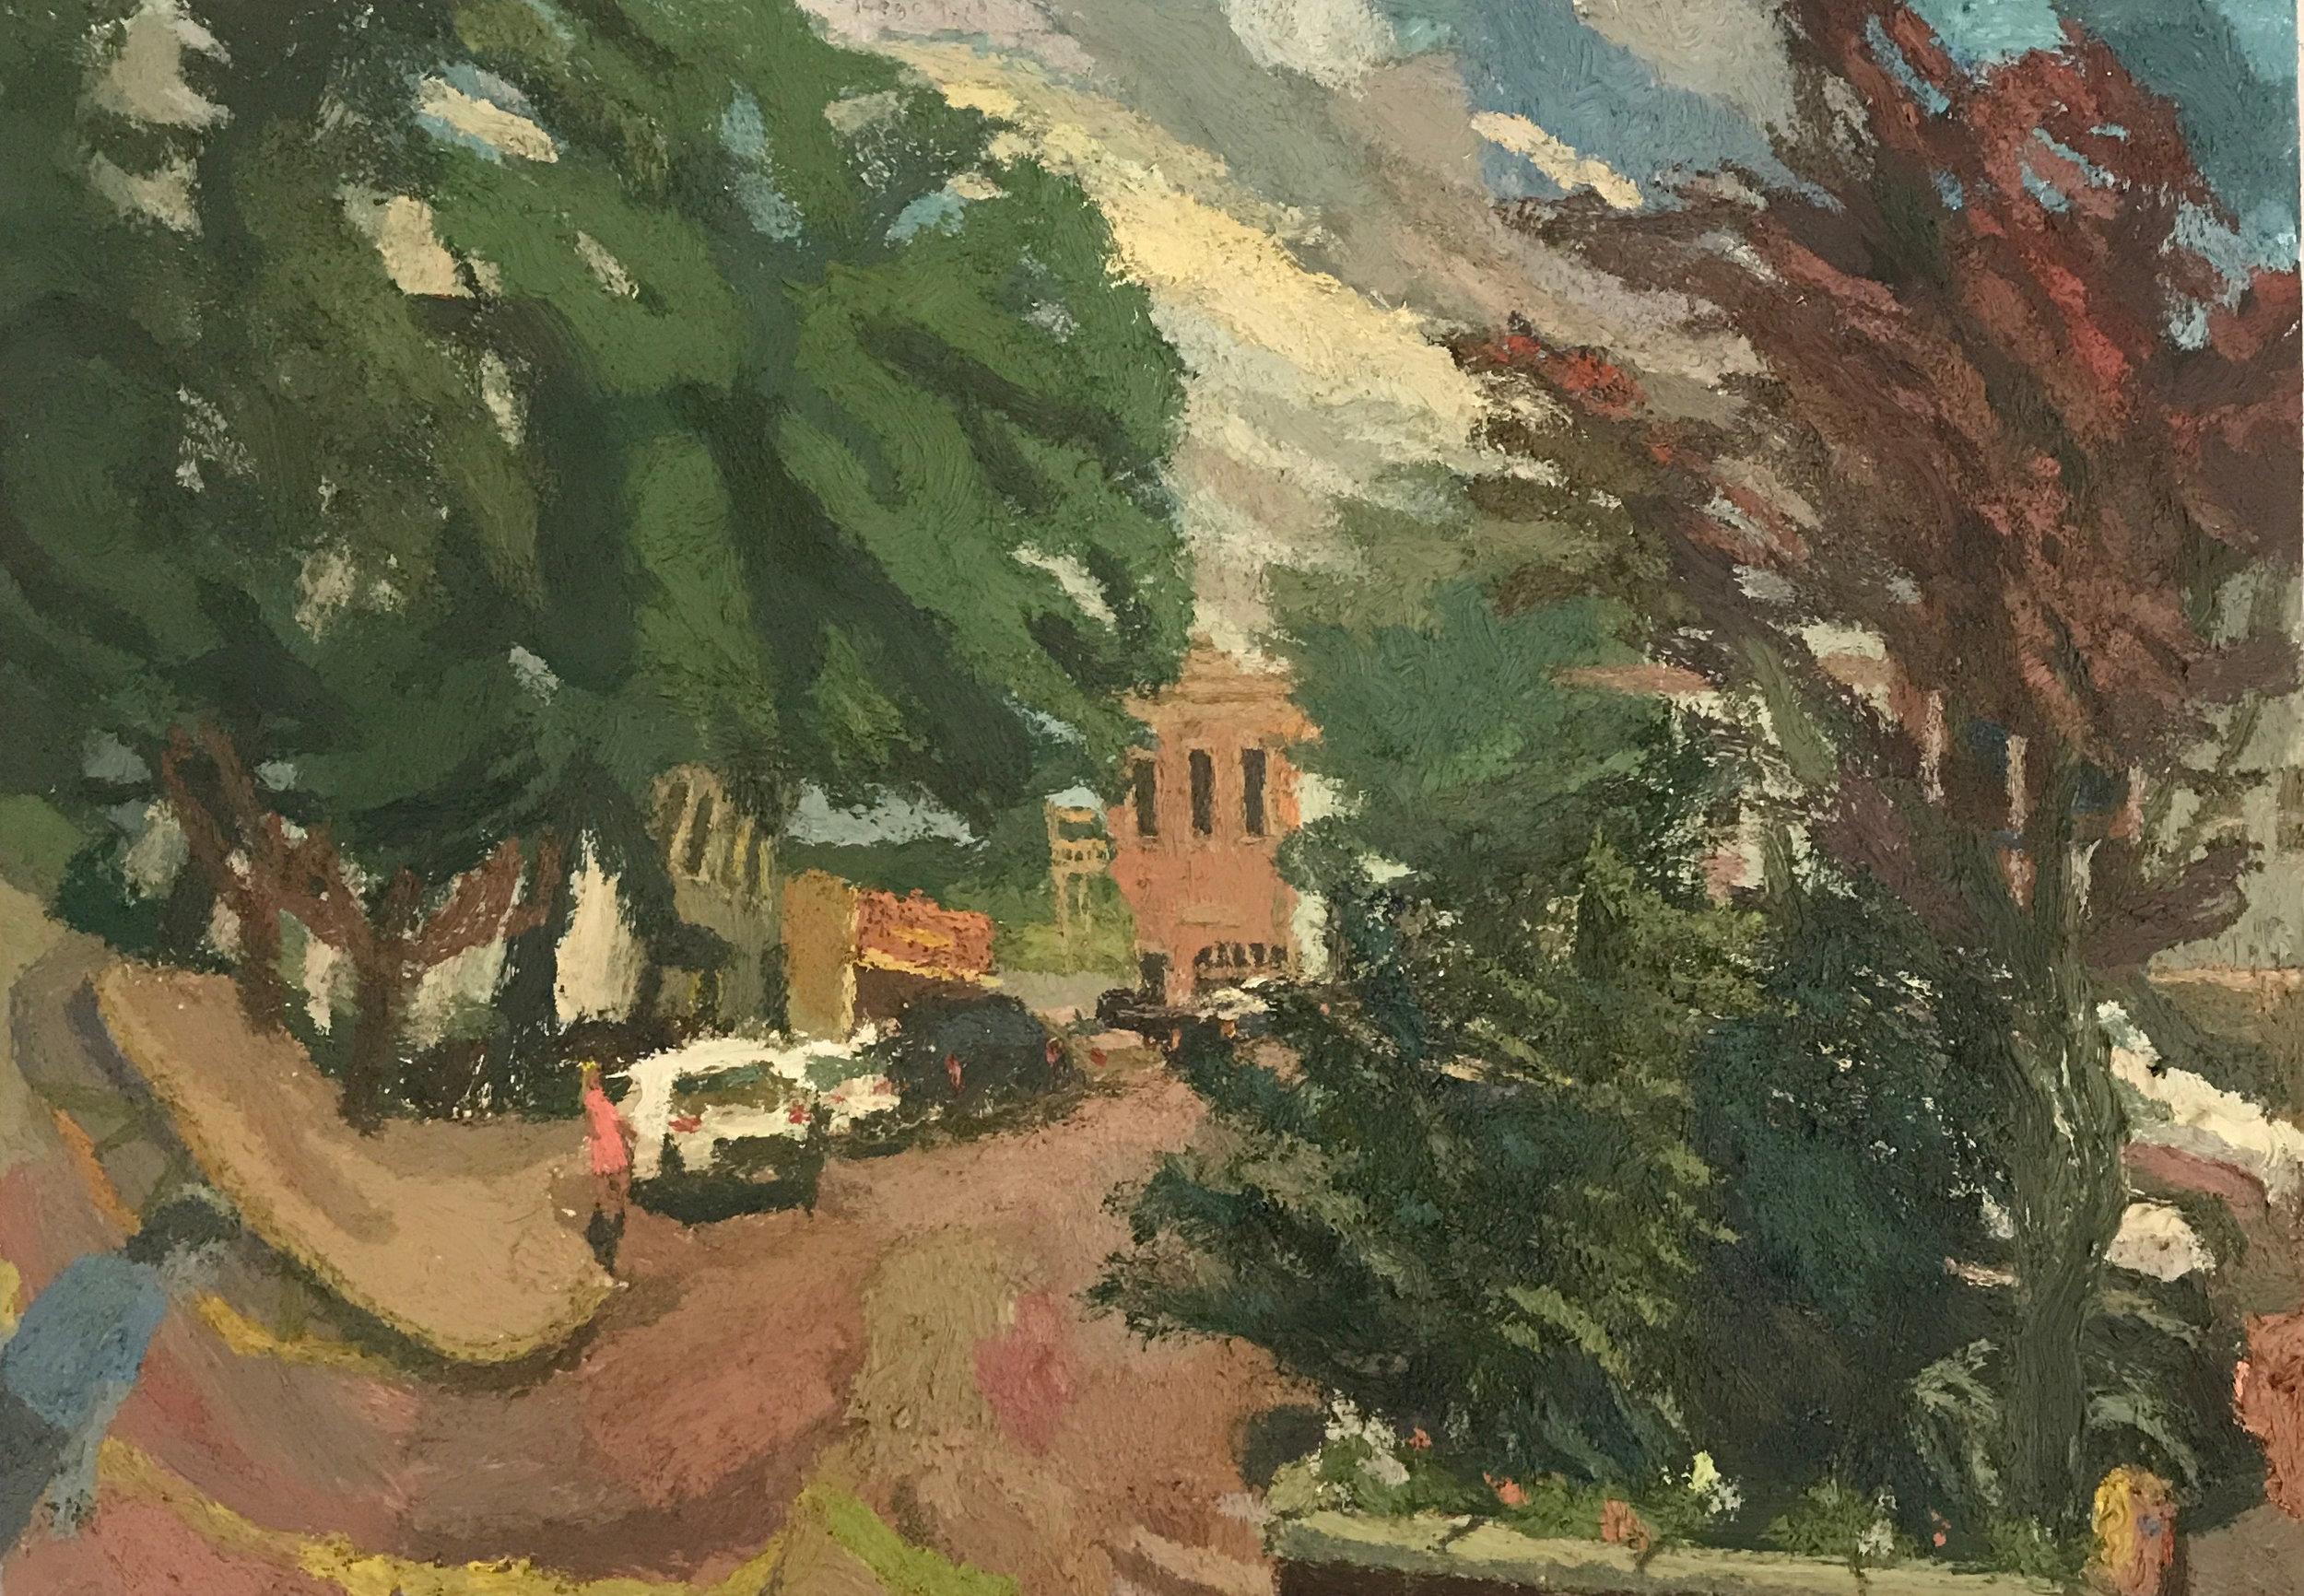 John Davis Gallery - Hudson, NYJanuary 5 - 27, 2019Tiny MirrorsOpening Reception: Saturday, January 5, 6-8pm